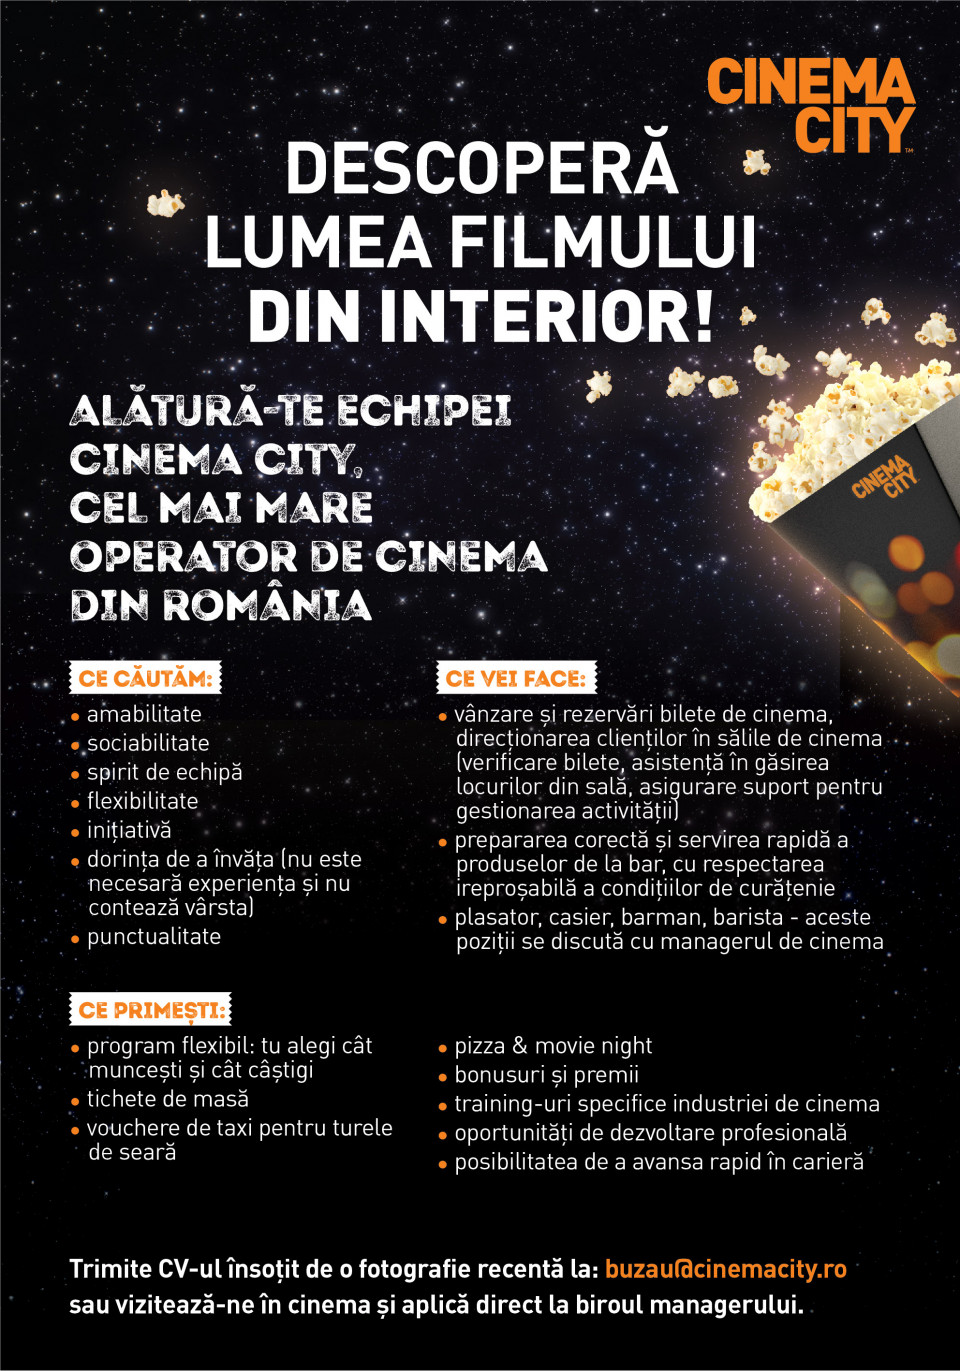 DESCOPERĂ LUMEA FILMULUI DIN INTERIOR!  Alătură-te echipei Cinema City, cel mai mare operator de cinema din România.  Cum ne dorim sa fie noul nostru coleg:  Cu atitudine pozitivă Dornic să învețe (nu este necesară experiența și nu contează vârsta) Punctual Cu bune abilități de comunicare și relaționare Amabil Să îi placă să lucreze în echipă Determinat Cu inițiativă Căutăm colegi care să descopere cu entuziasm lumea filmului din interior pentru următoarele roluri  Barman / Barista / Casier / Plasator / Asistent manager  În funcție de rolul potrivit pentru tine, responsabilitățile generale ar putea fi:  - vânzarea de bilete și rezervări bilete de cinema, direcționarea clienților în cinema (verificare bilete, asistență în găsirea locurilor din sală, asigurare suport pentru gestionarea activității);  - preparea corectă și servirea rapidă a produselor de la bar sau cafenea, cu respectarea ireproșabilă a condițiilor de curățenie;  - întâmpinarea clienților și oferirea informațiilor corecte despre produsele noastre;  Barman / Barista / Casier / Plasator / Asistent manager – aceste poziții se discută în cadrul interviului.  Ce îți garantăm:  - Program flexibil (tu alegi cât muncești și cât câștigi) - Tichete de masa - Pizza & Movie night - Bonusuri și premii - Training-uri specifice industriei de cinema - Vouchere de taxi pentru turele de seară - Oportunități de dezvoltare profesională - Posibilitatea de a avansa rapid în carieră  Punem accent pe dezvoltarea oamenilor și ne dorim ca fiecare coleg să fie foarte bine pregătit profesional existând șanse de promovare. Dezvoltă și tu o carieră în industria de cinema!  Trimite CV-ul insotit de o fotografie recenta la:buzau@cinemacity.ro sau viziteaza-ne in cinema si aplica direct la biroul managerului.  Te așteptăm cu drag! Descoperă lumea filmului din interior!Alătură-te echipei Cinema City, cel mai mare operator de cinema din România, parte din Cineworld, al doilea mare lanț de cinematografe din lume!Ne dorim să fim cel mai b